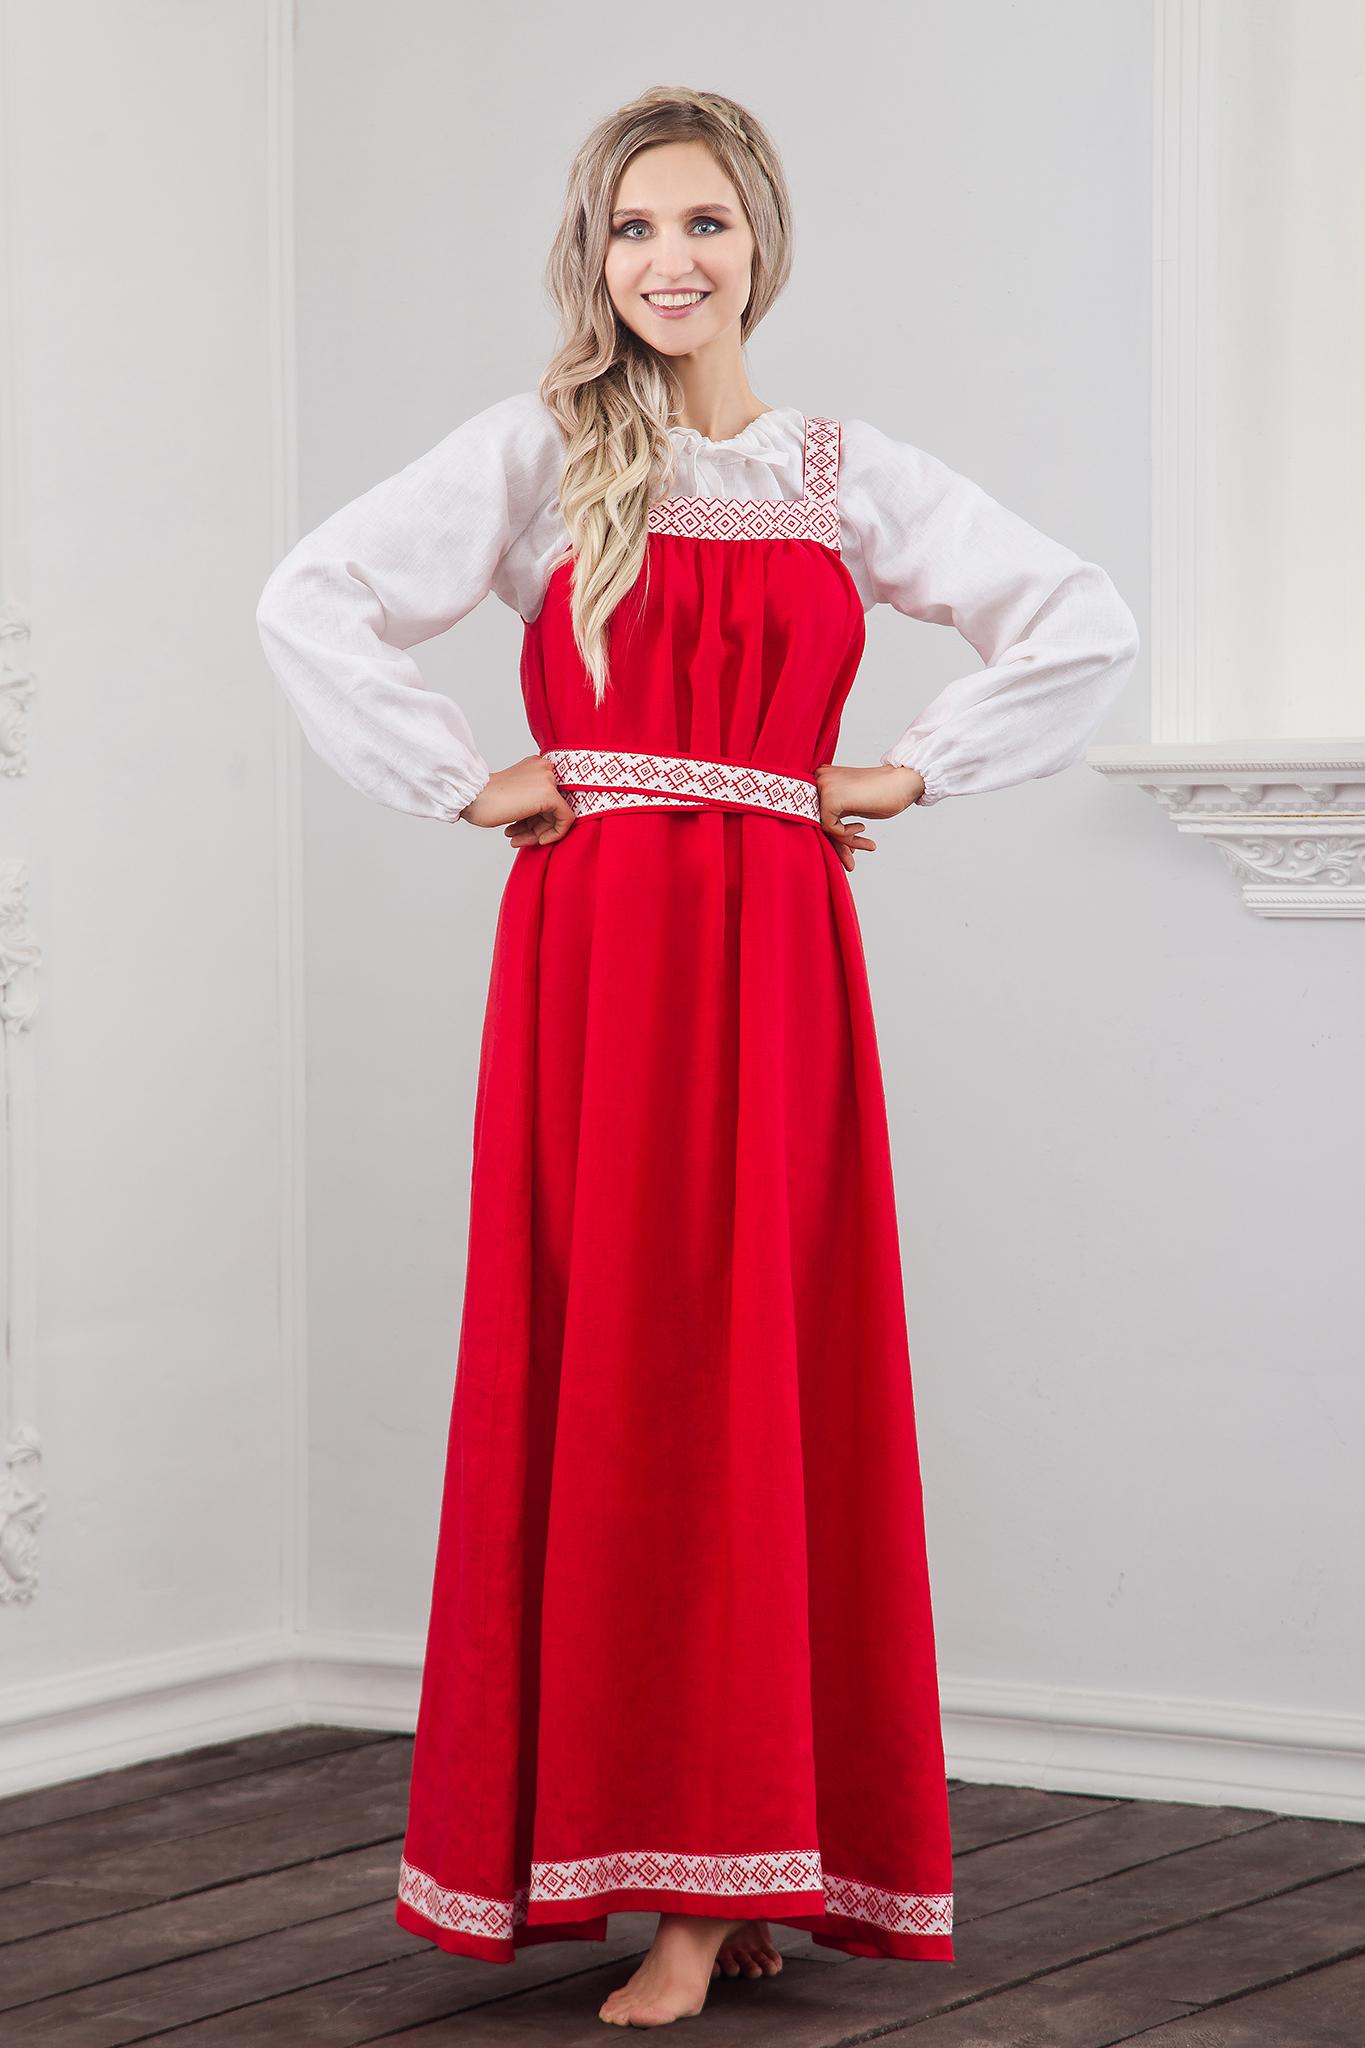 Предлагаем купить русский сарафан в интернет-магазине Иванка